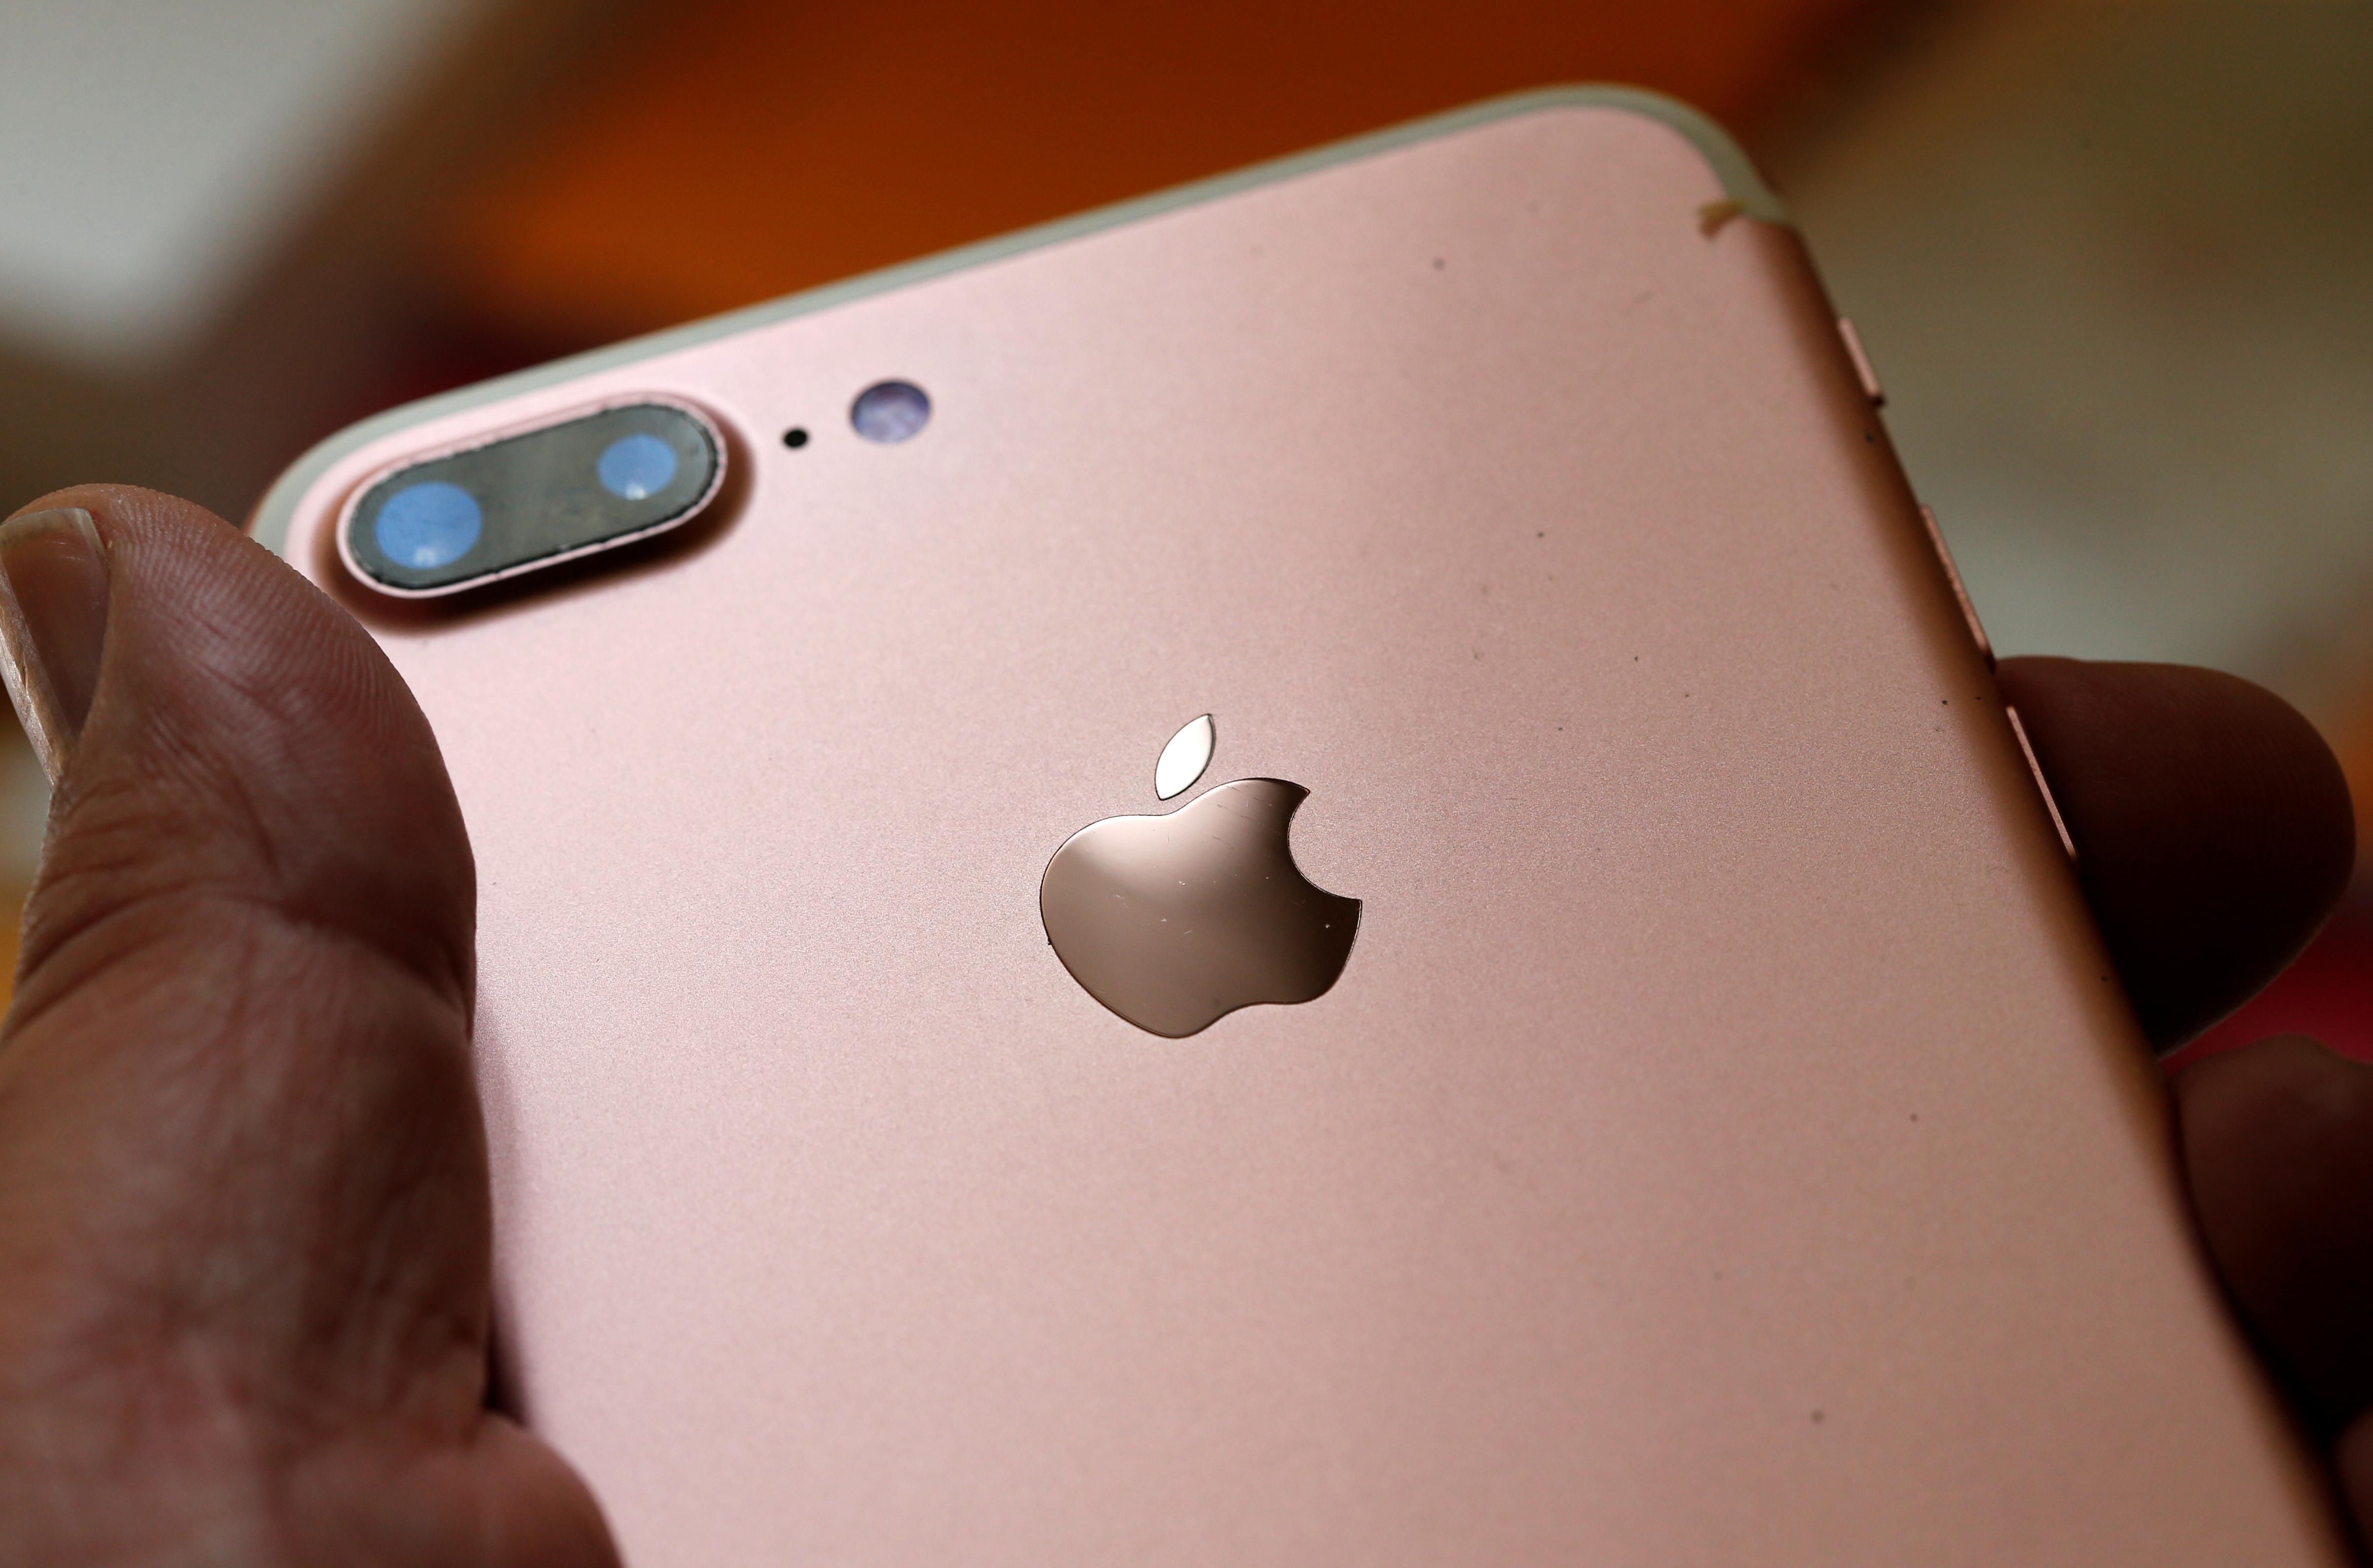 Уязвимость браузера позволила украсть файлы с iPhone